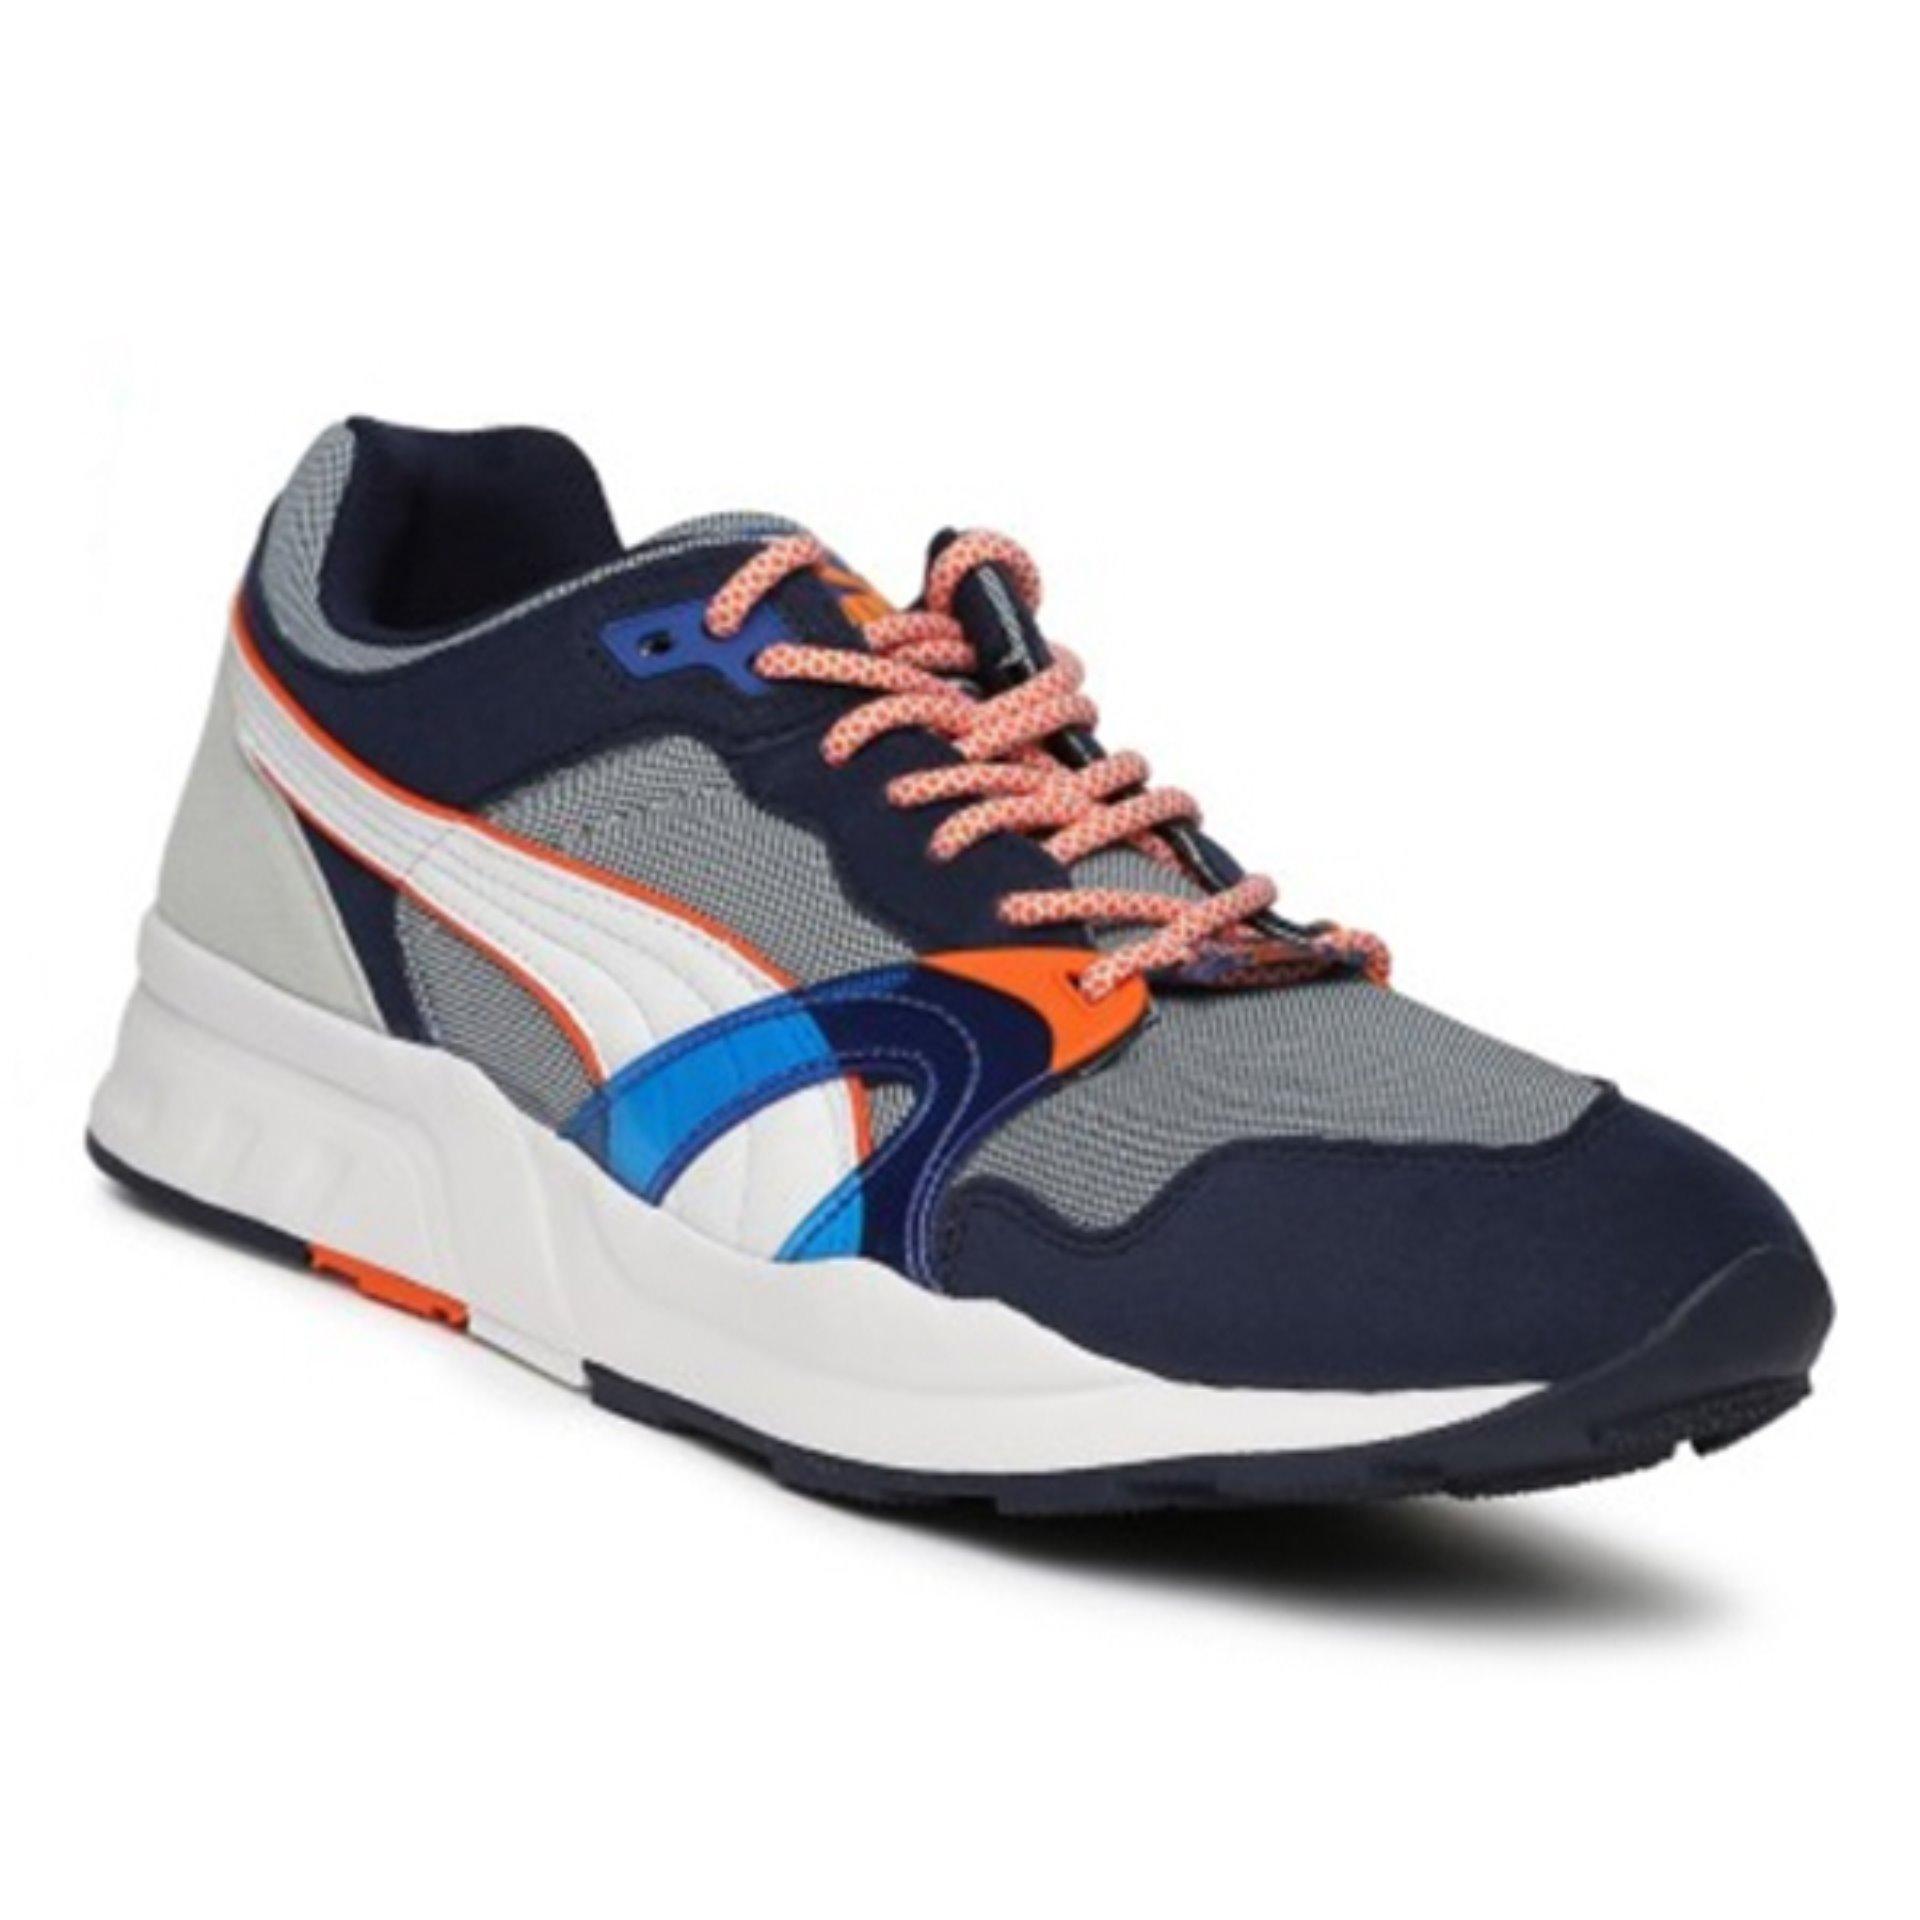 Harga Puma Sepatu Sneaker Xt1 35911005 Yang Murah Dan Bagus